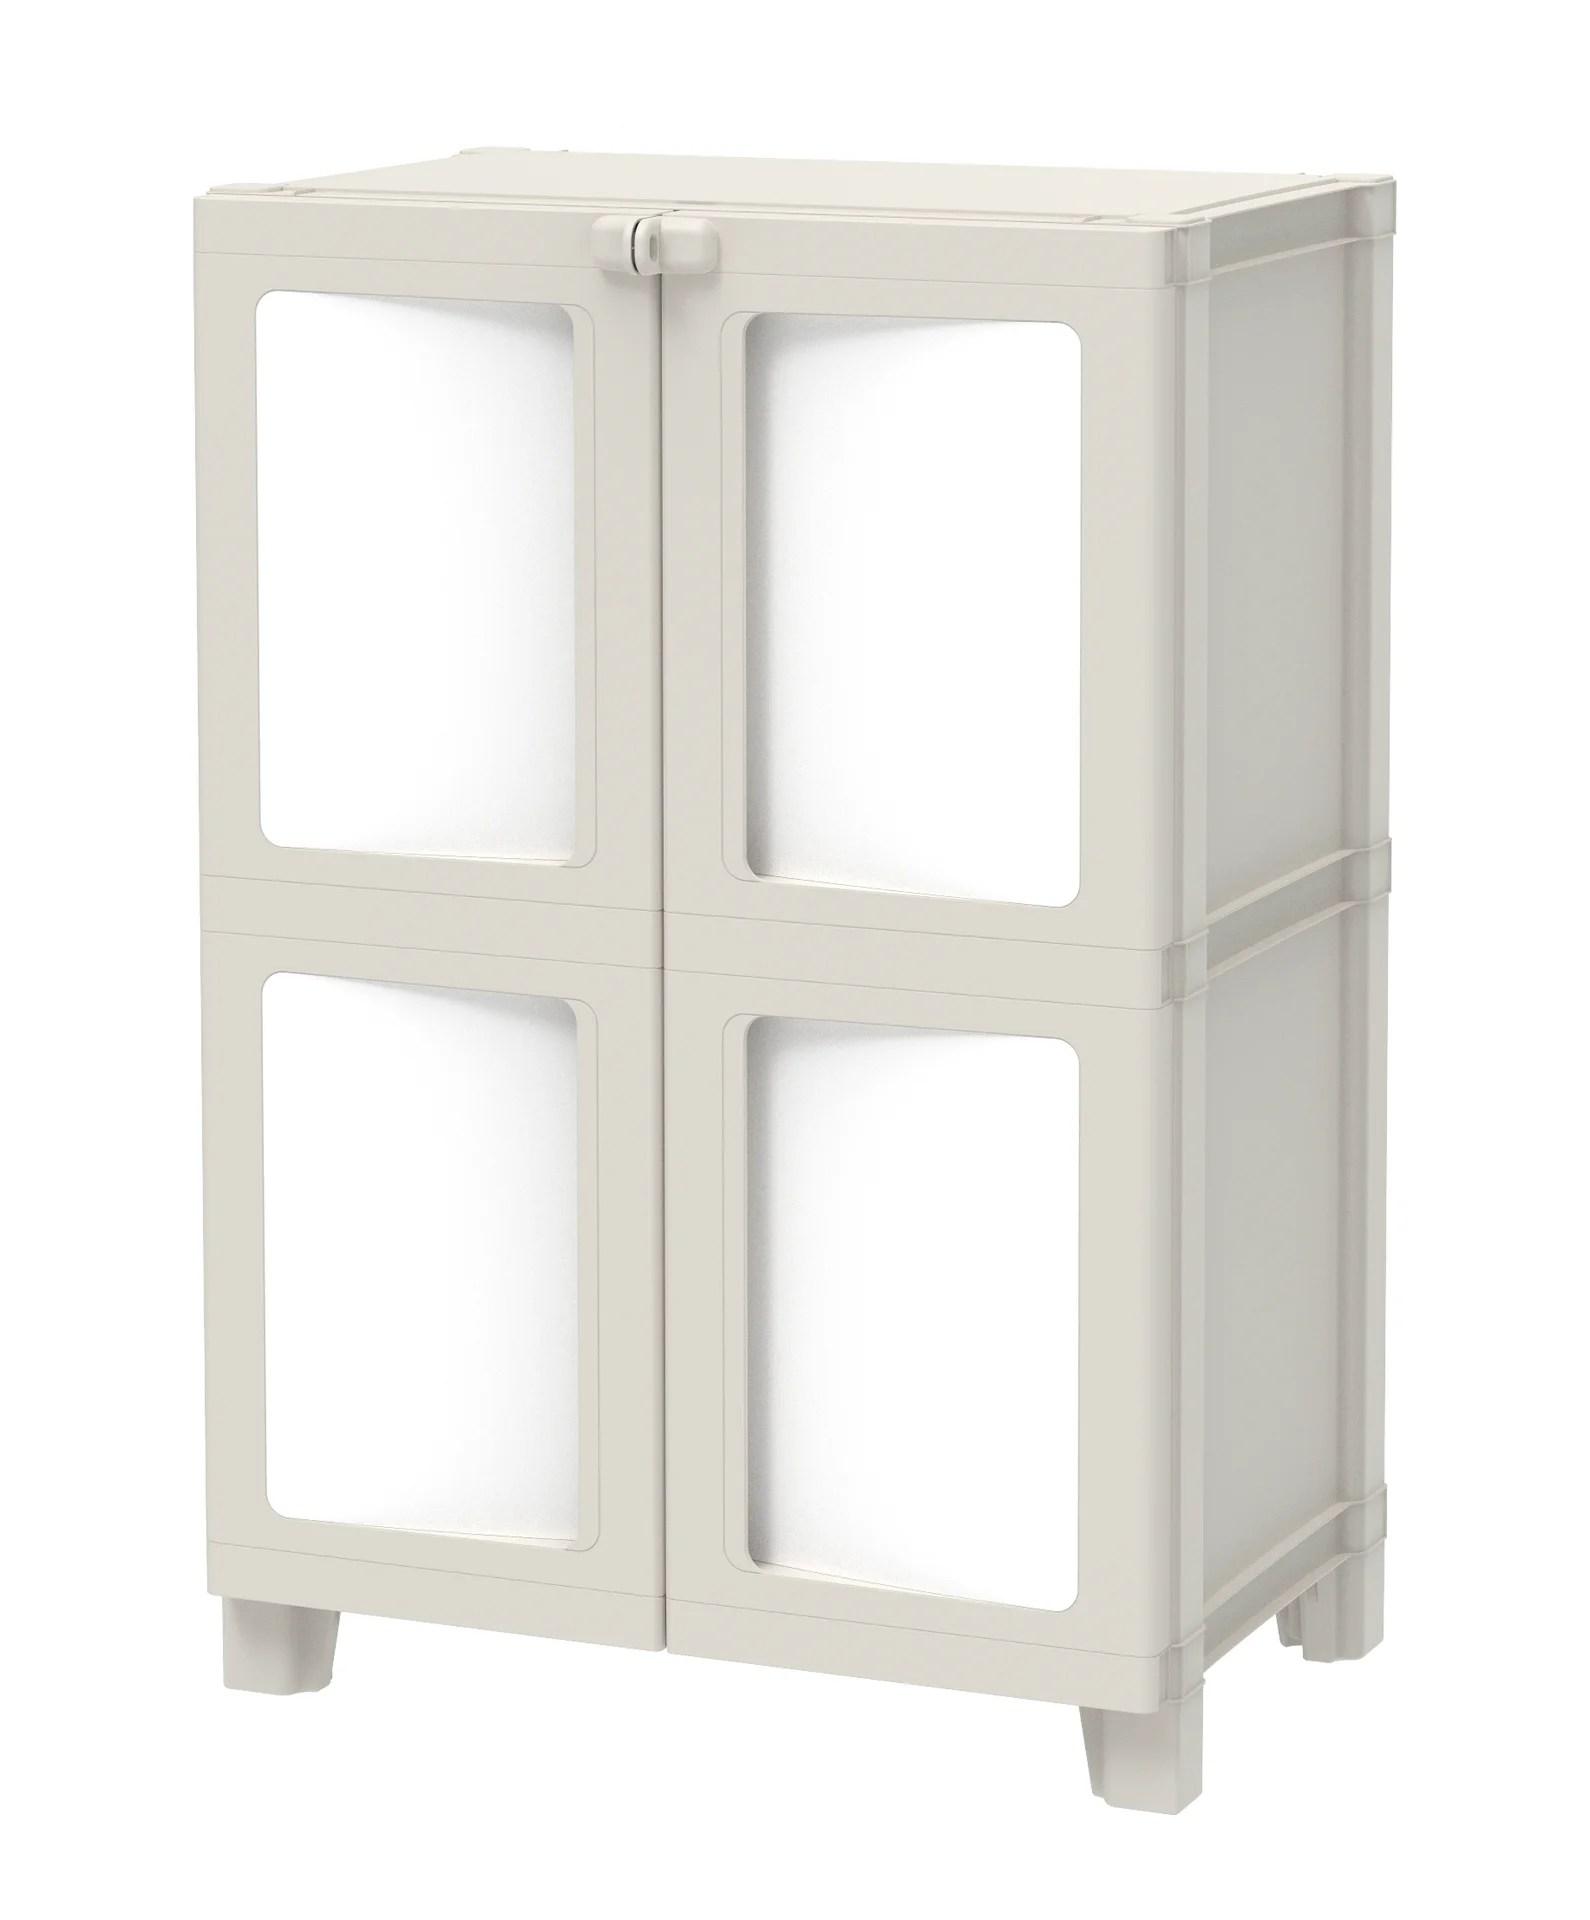 armoire basse plastique 1 etagere